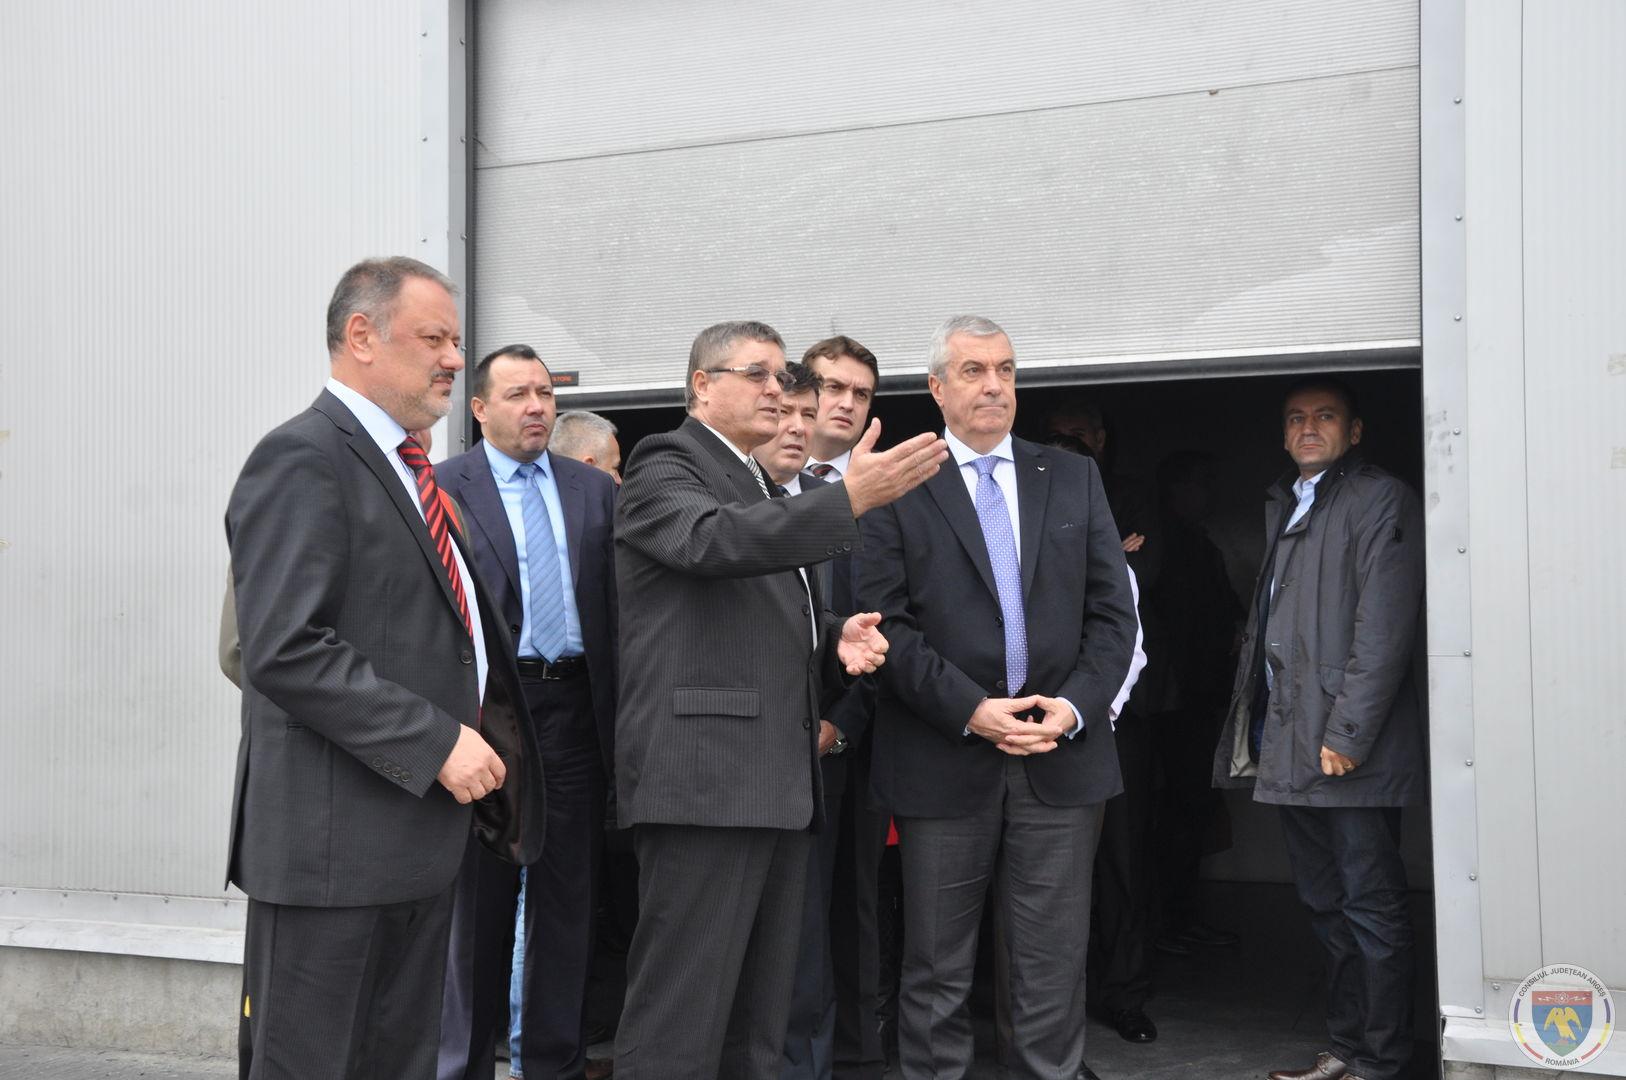 Vizita Calin Popescu Tariceanu 11.11.2014 (6).JPG